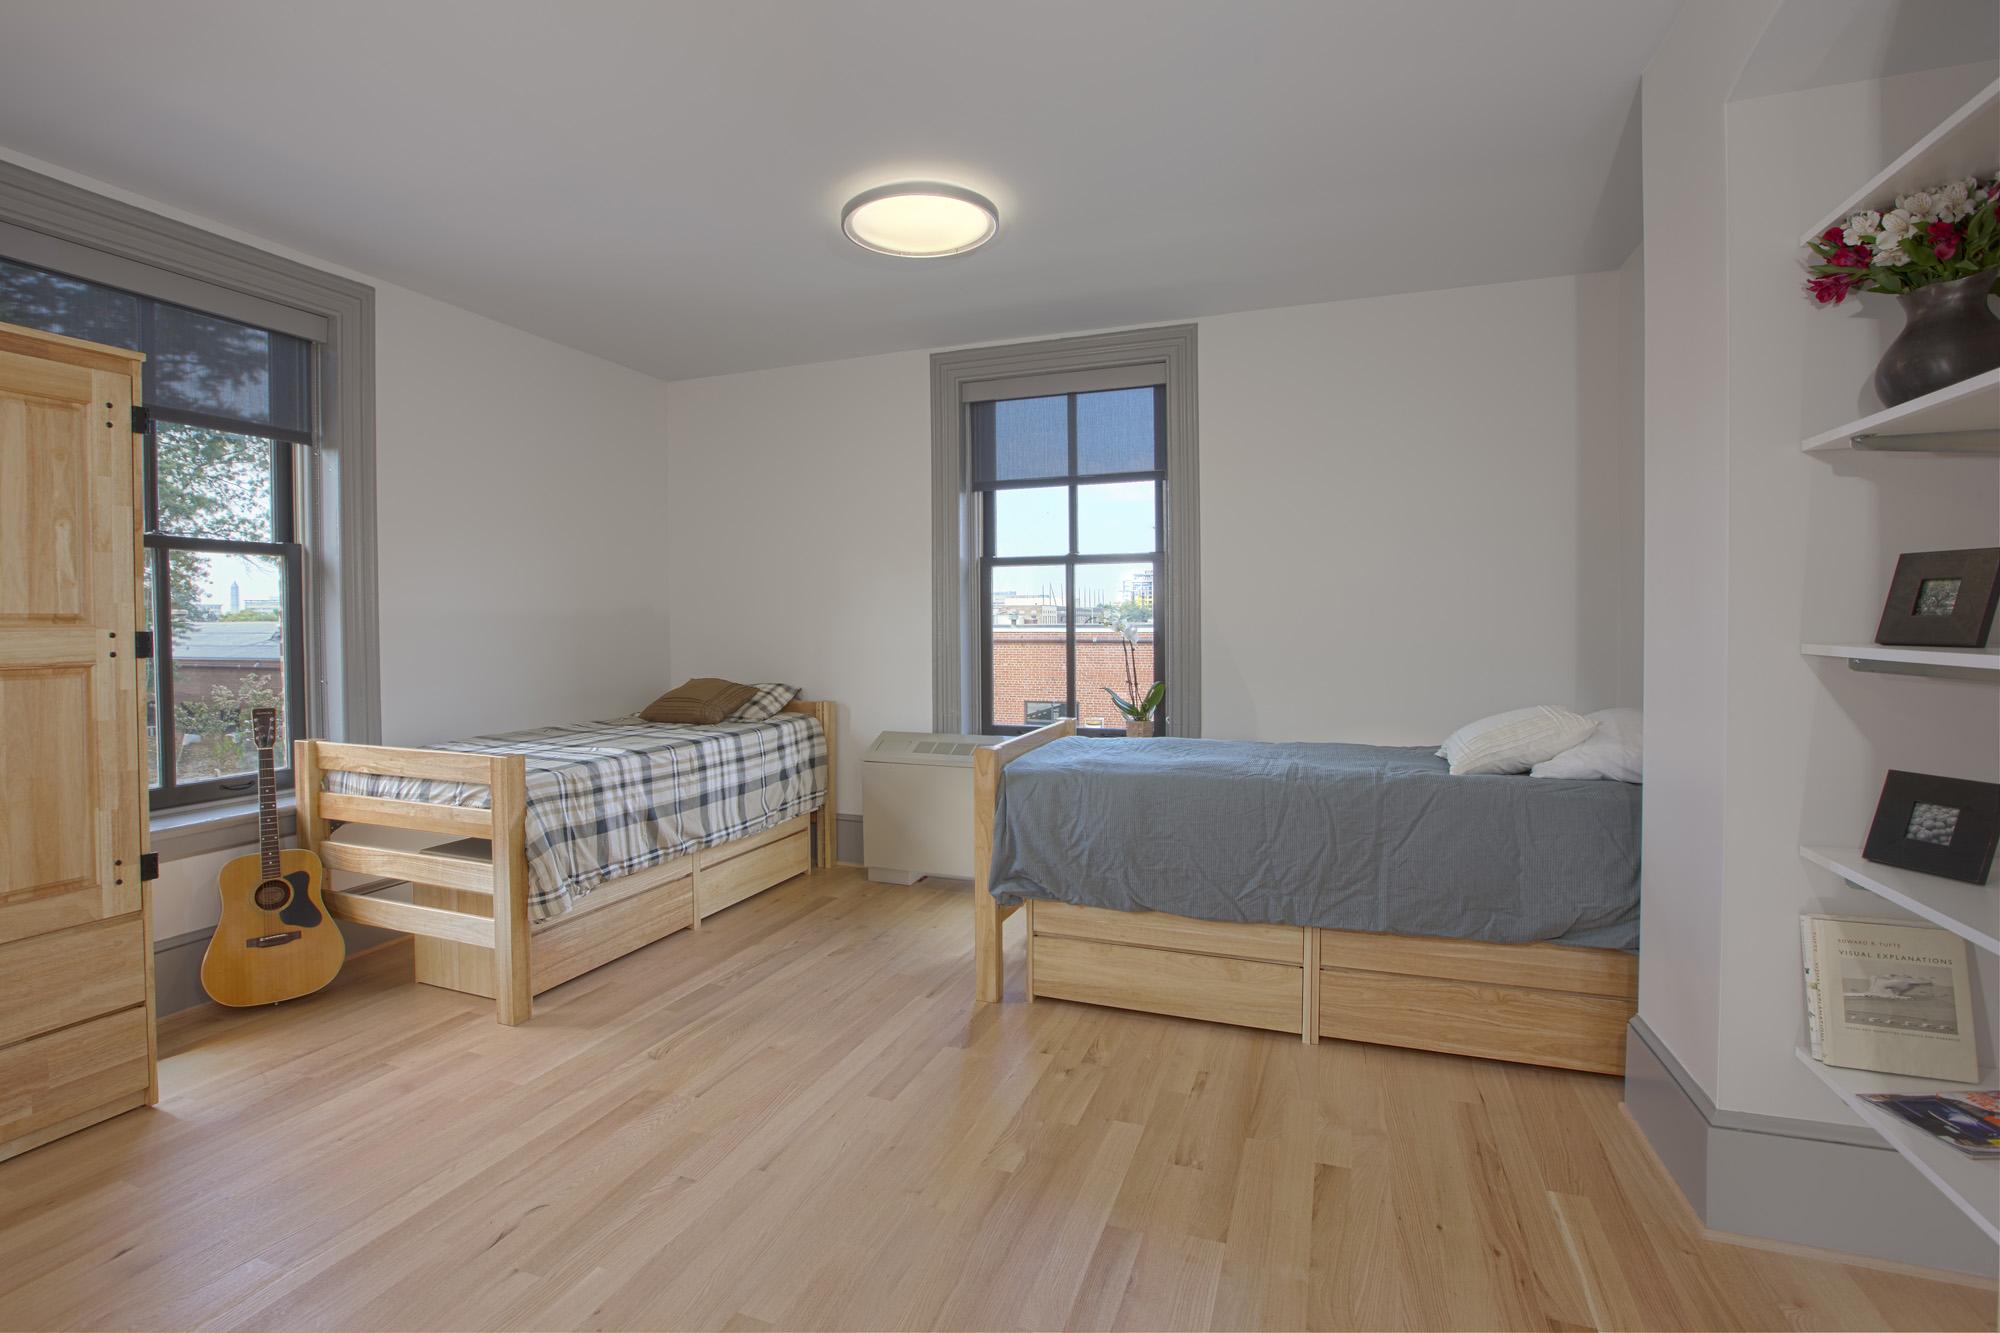 Galluadet University Dorm Interior Image-155517.jpg